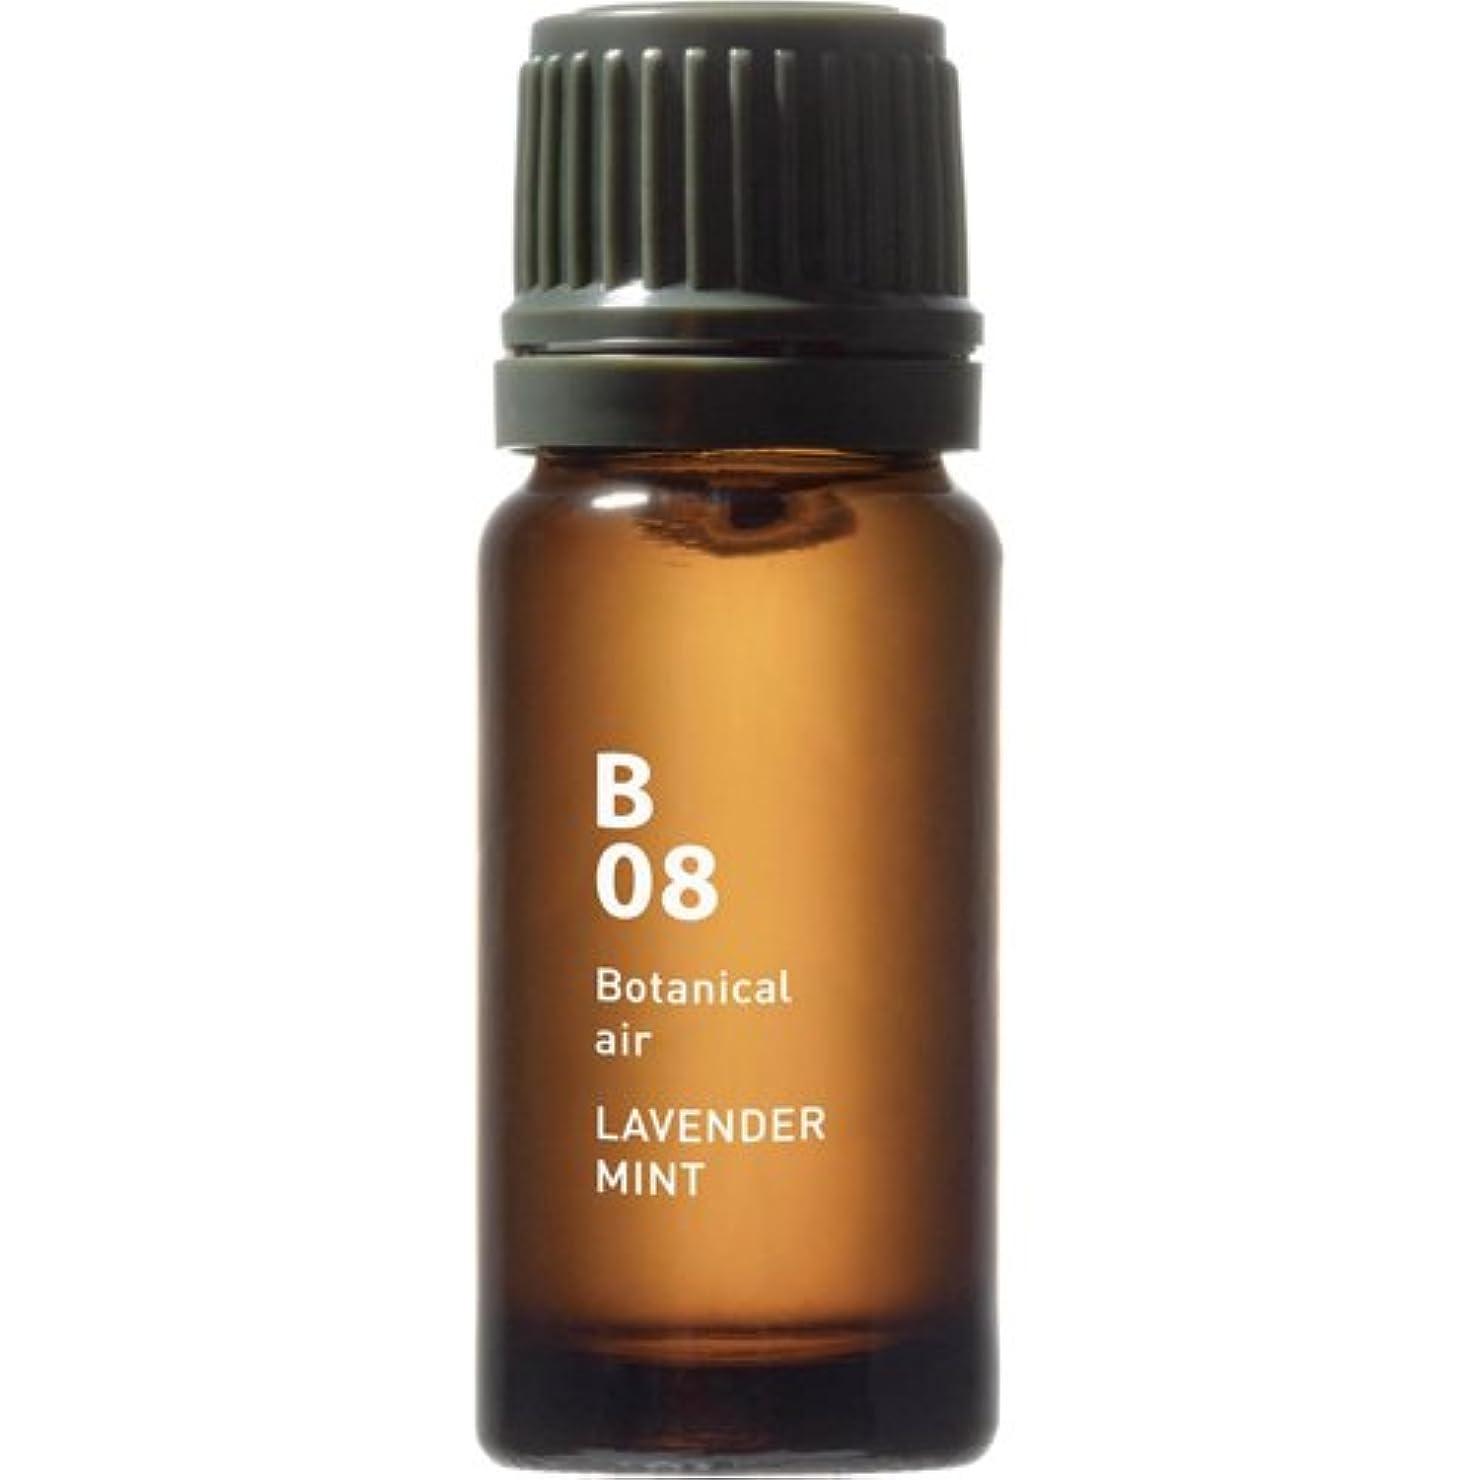 B08 ラベンダーミント Botanical air(ボタニカルエアー) 10ml